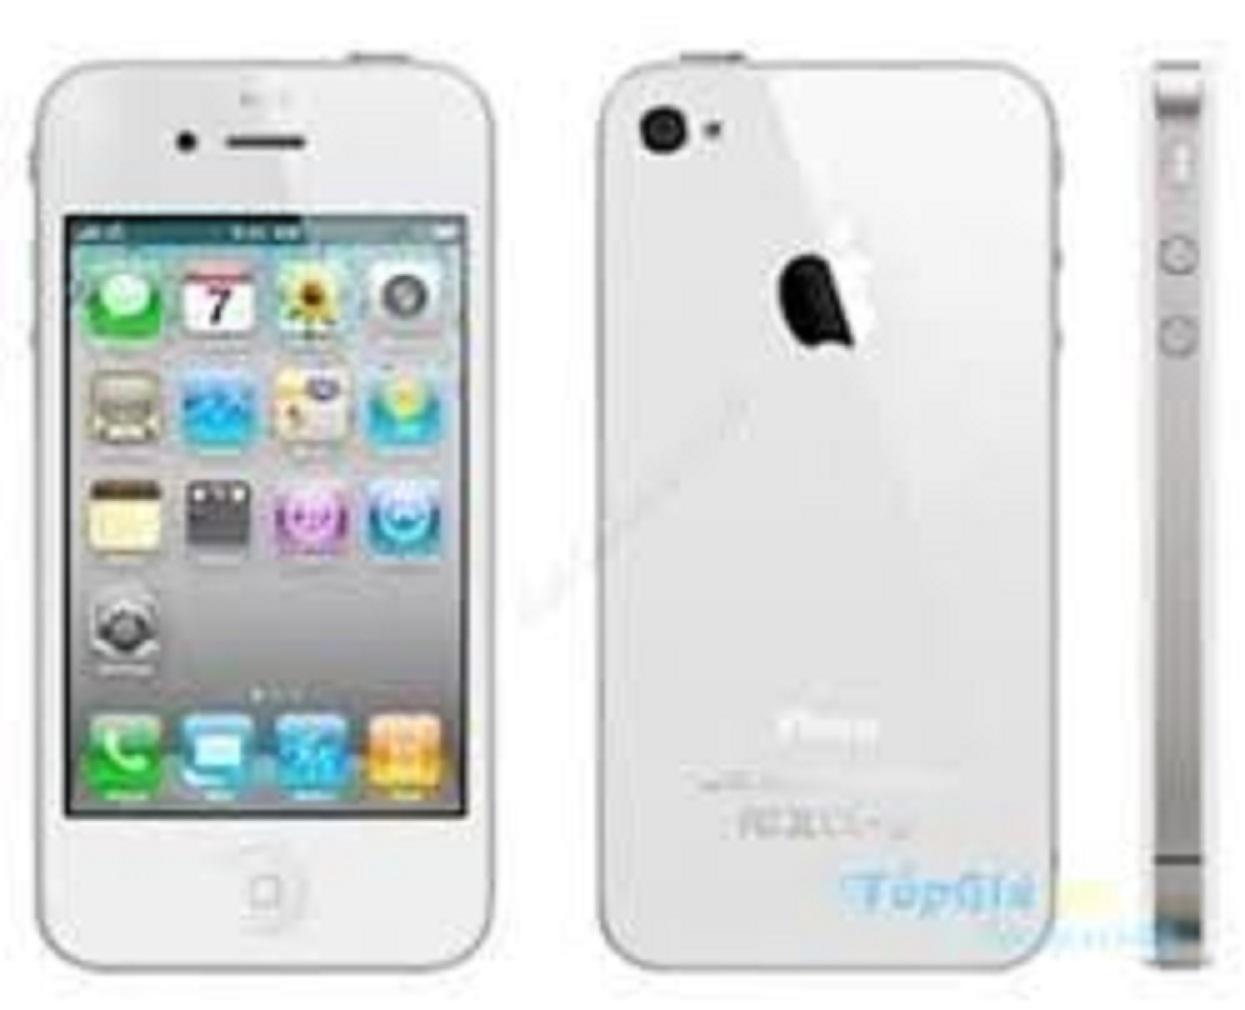 Điện thoại độc cổ iphon 4 - 16gb - Tặng Phụ kiện - giá rẻ tặng kèm sim 3g 10 số-Iphone_4_Quốc_tế